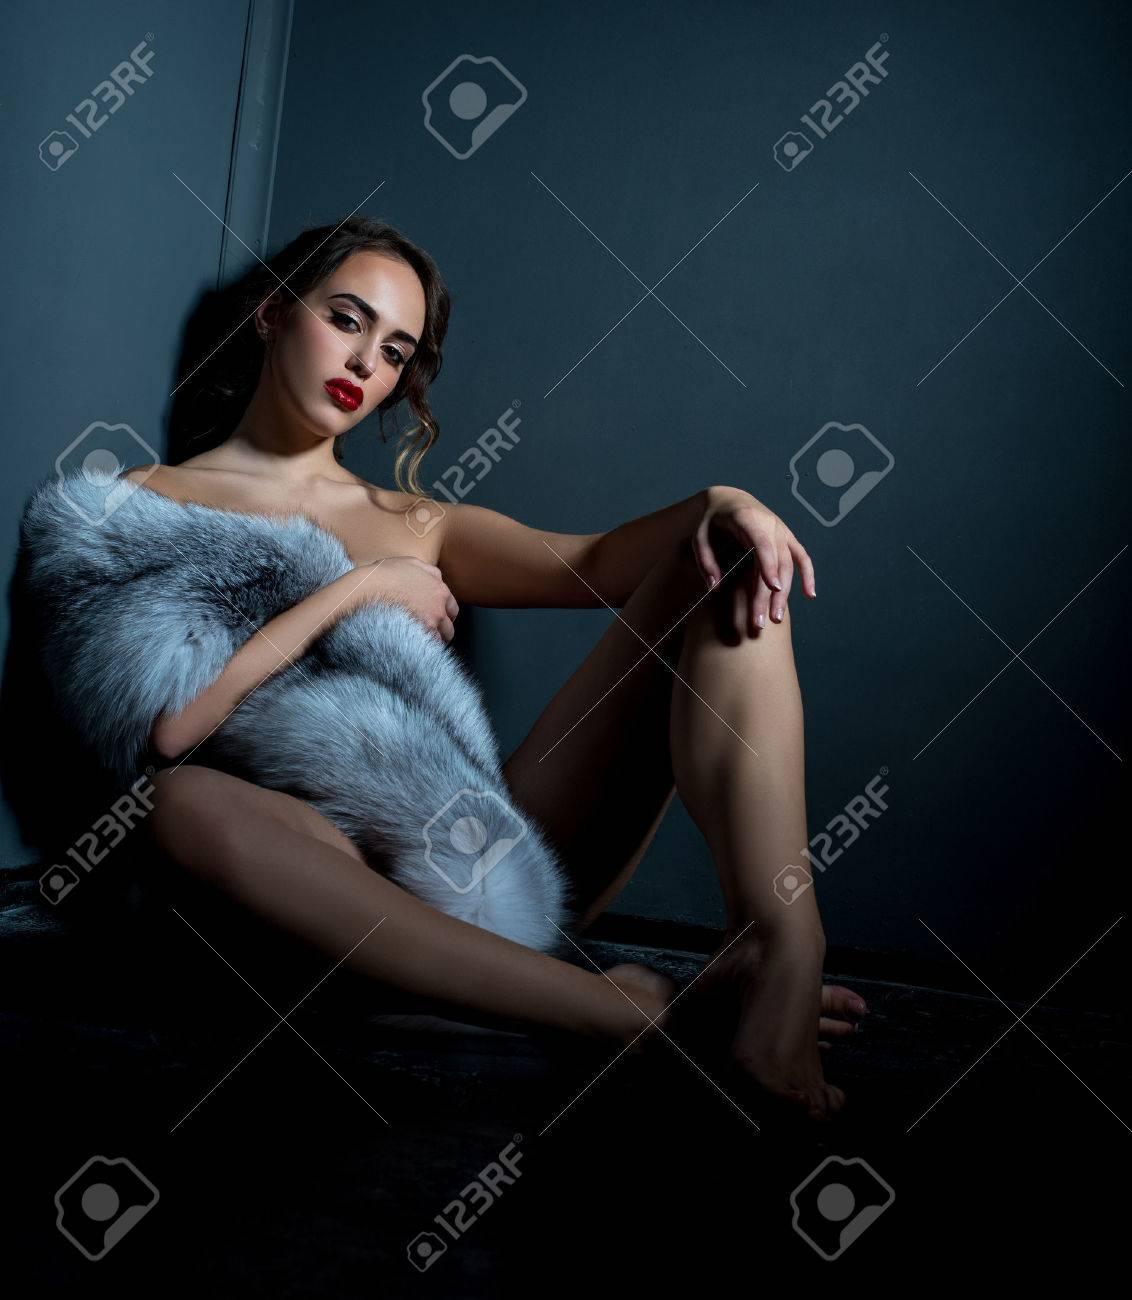 Modelle, die nackt posieren